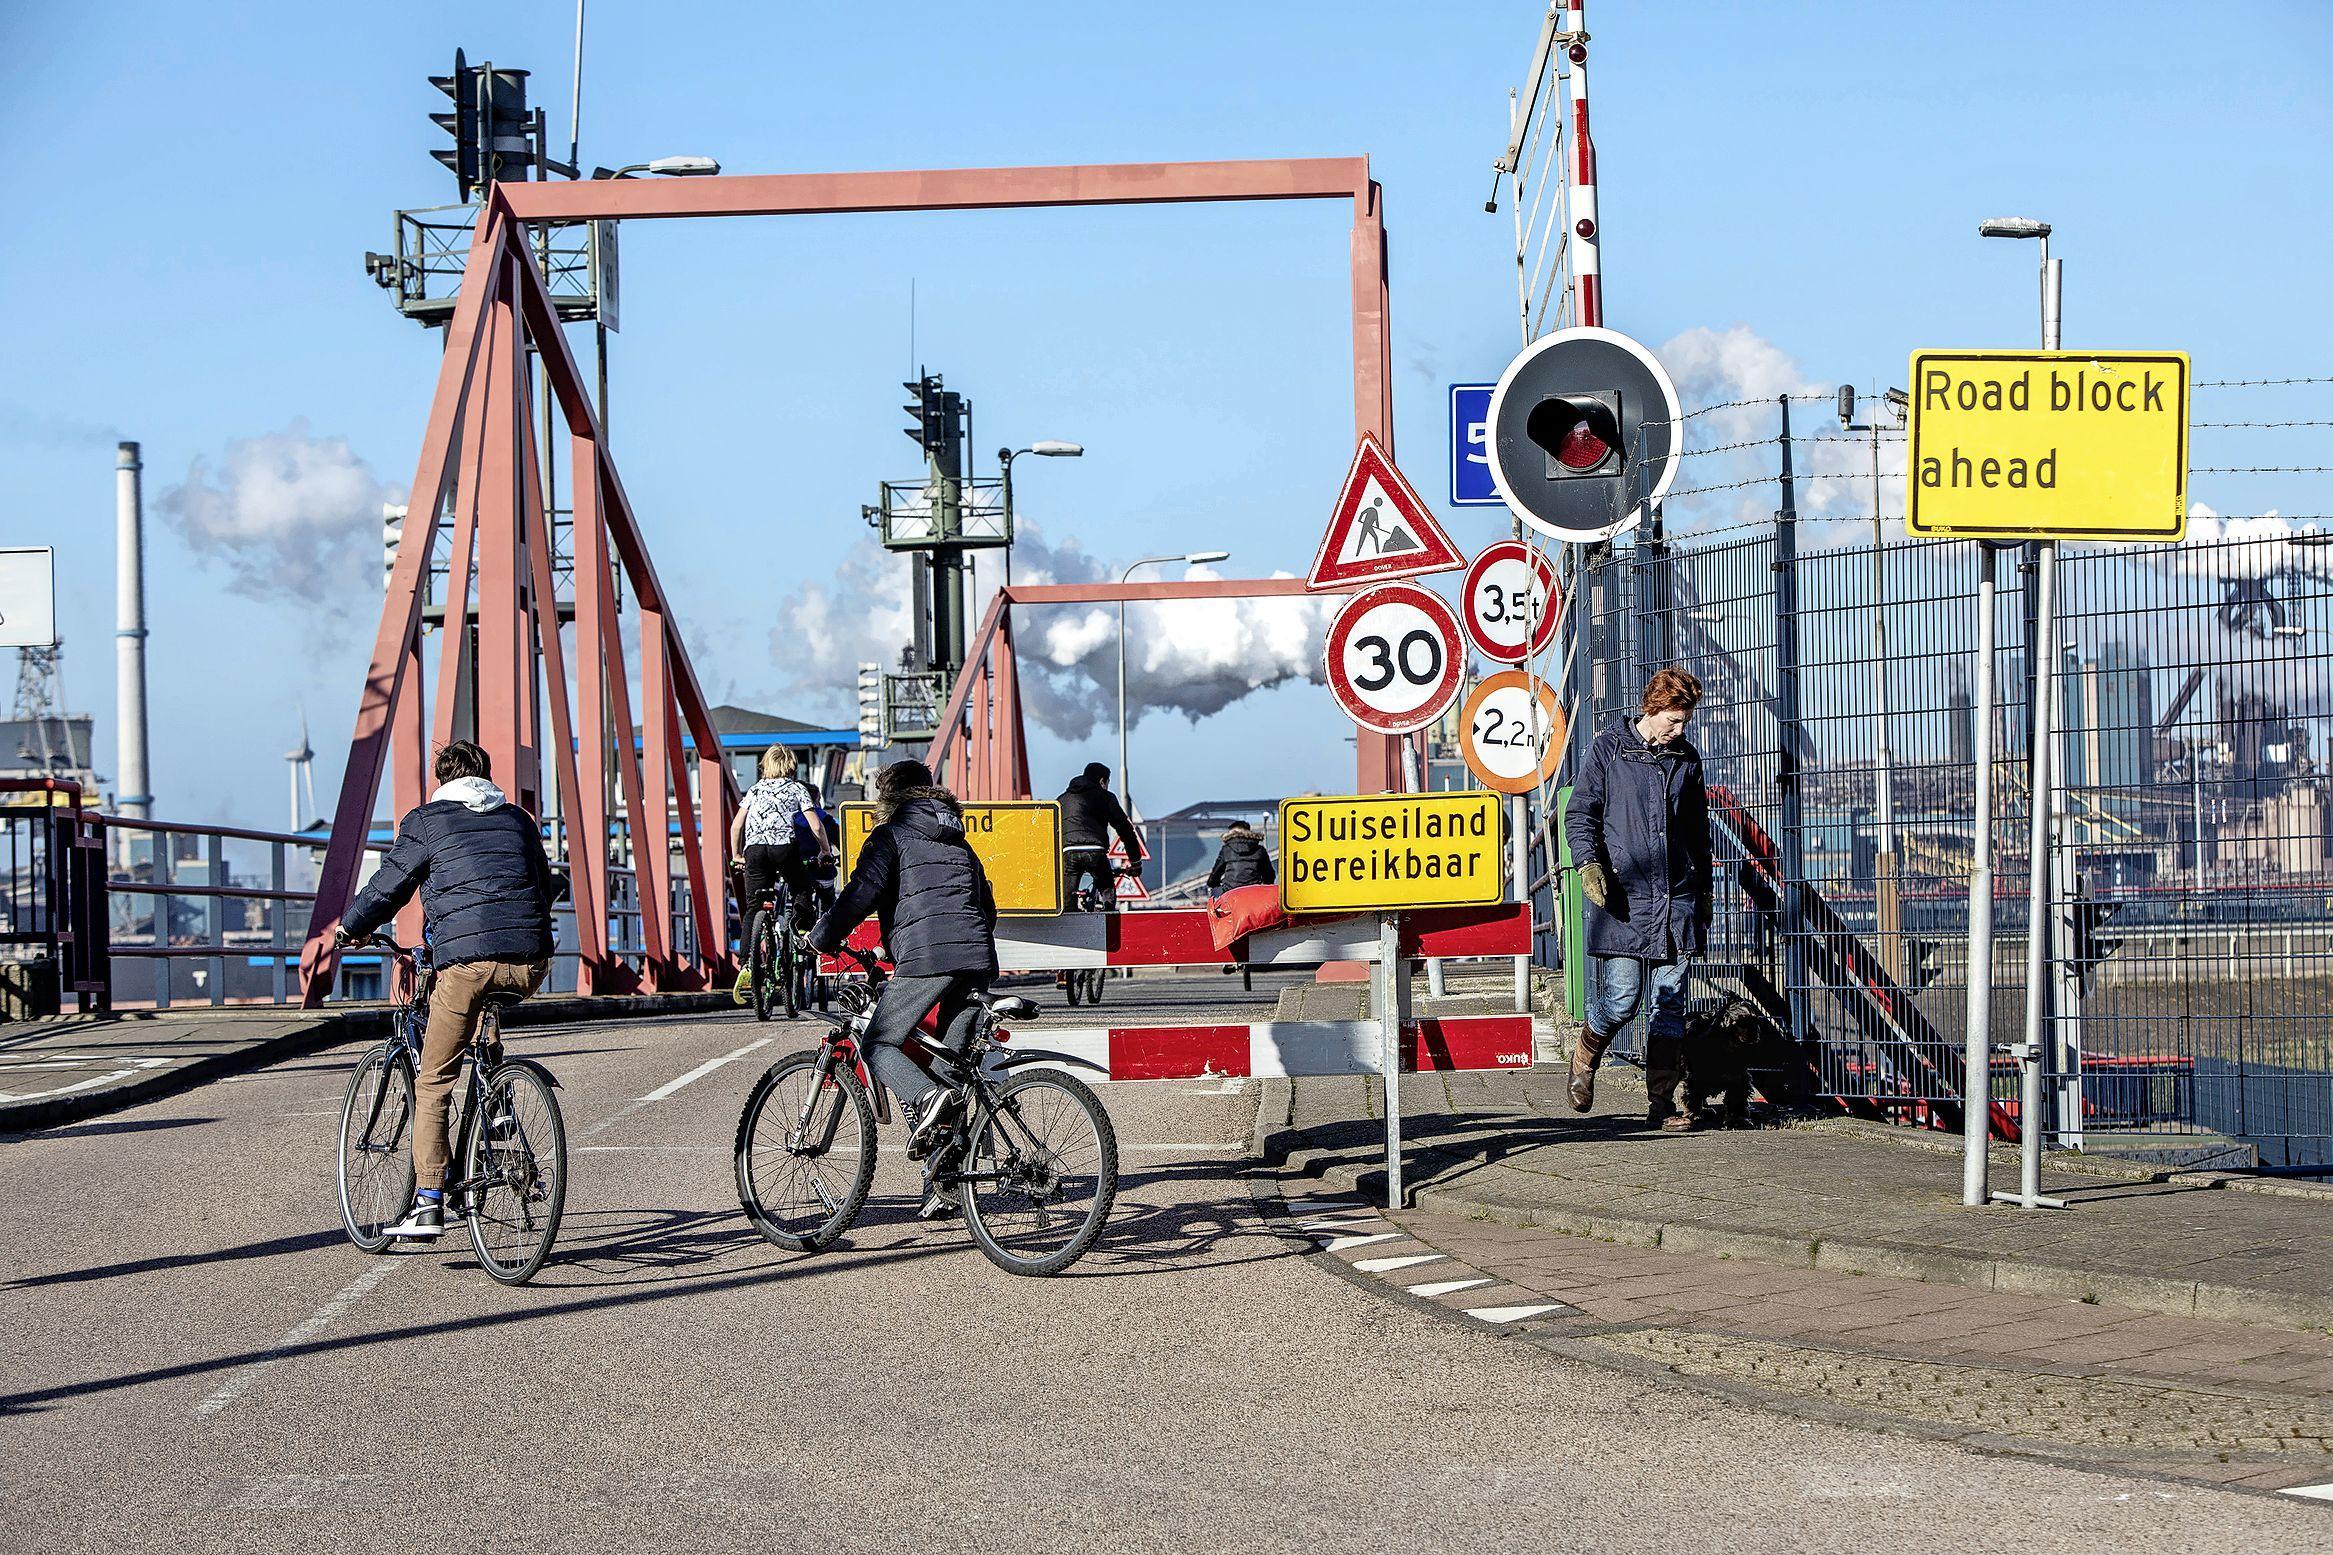 Velsense raad voelt zich in hemd gezet: Sluisroute gaat eind maart open voor langzaam verkeer, maar sluit weer als het onveilig is. Auto's mogelijk pas na 2024 over sluis.